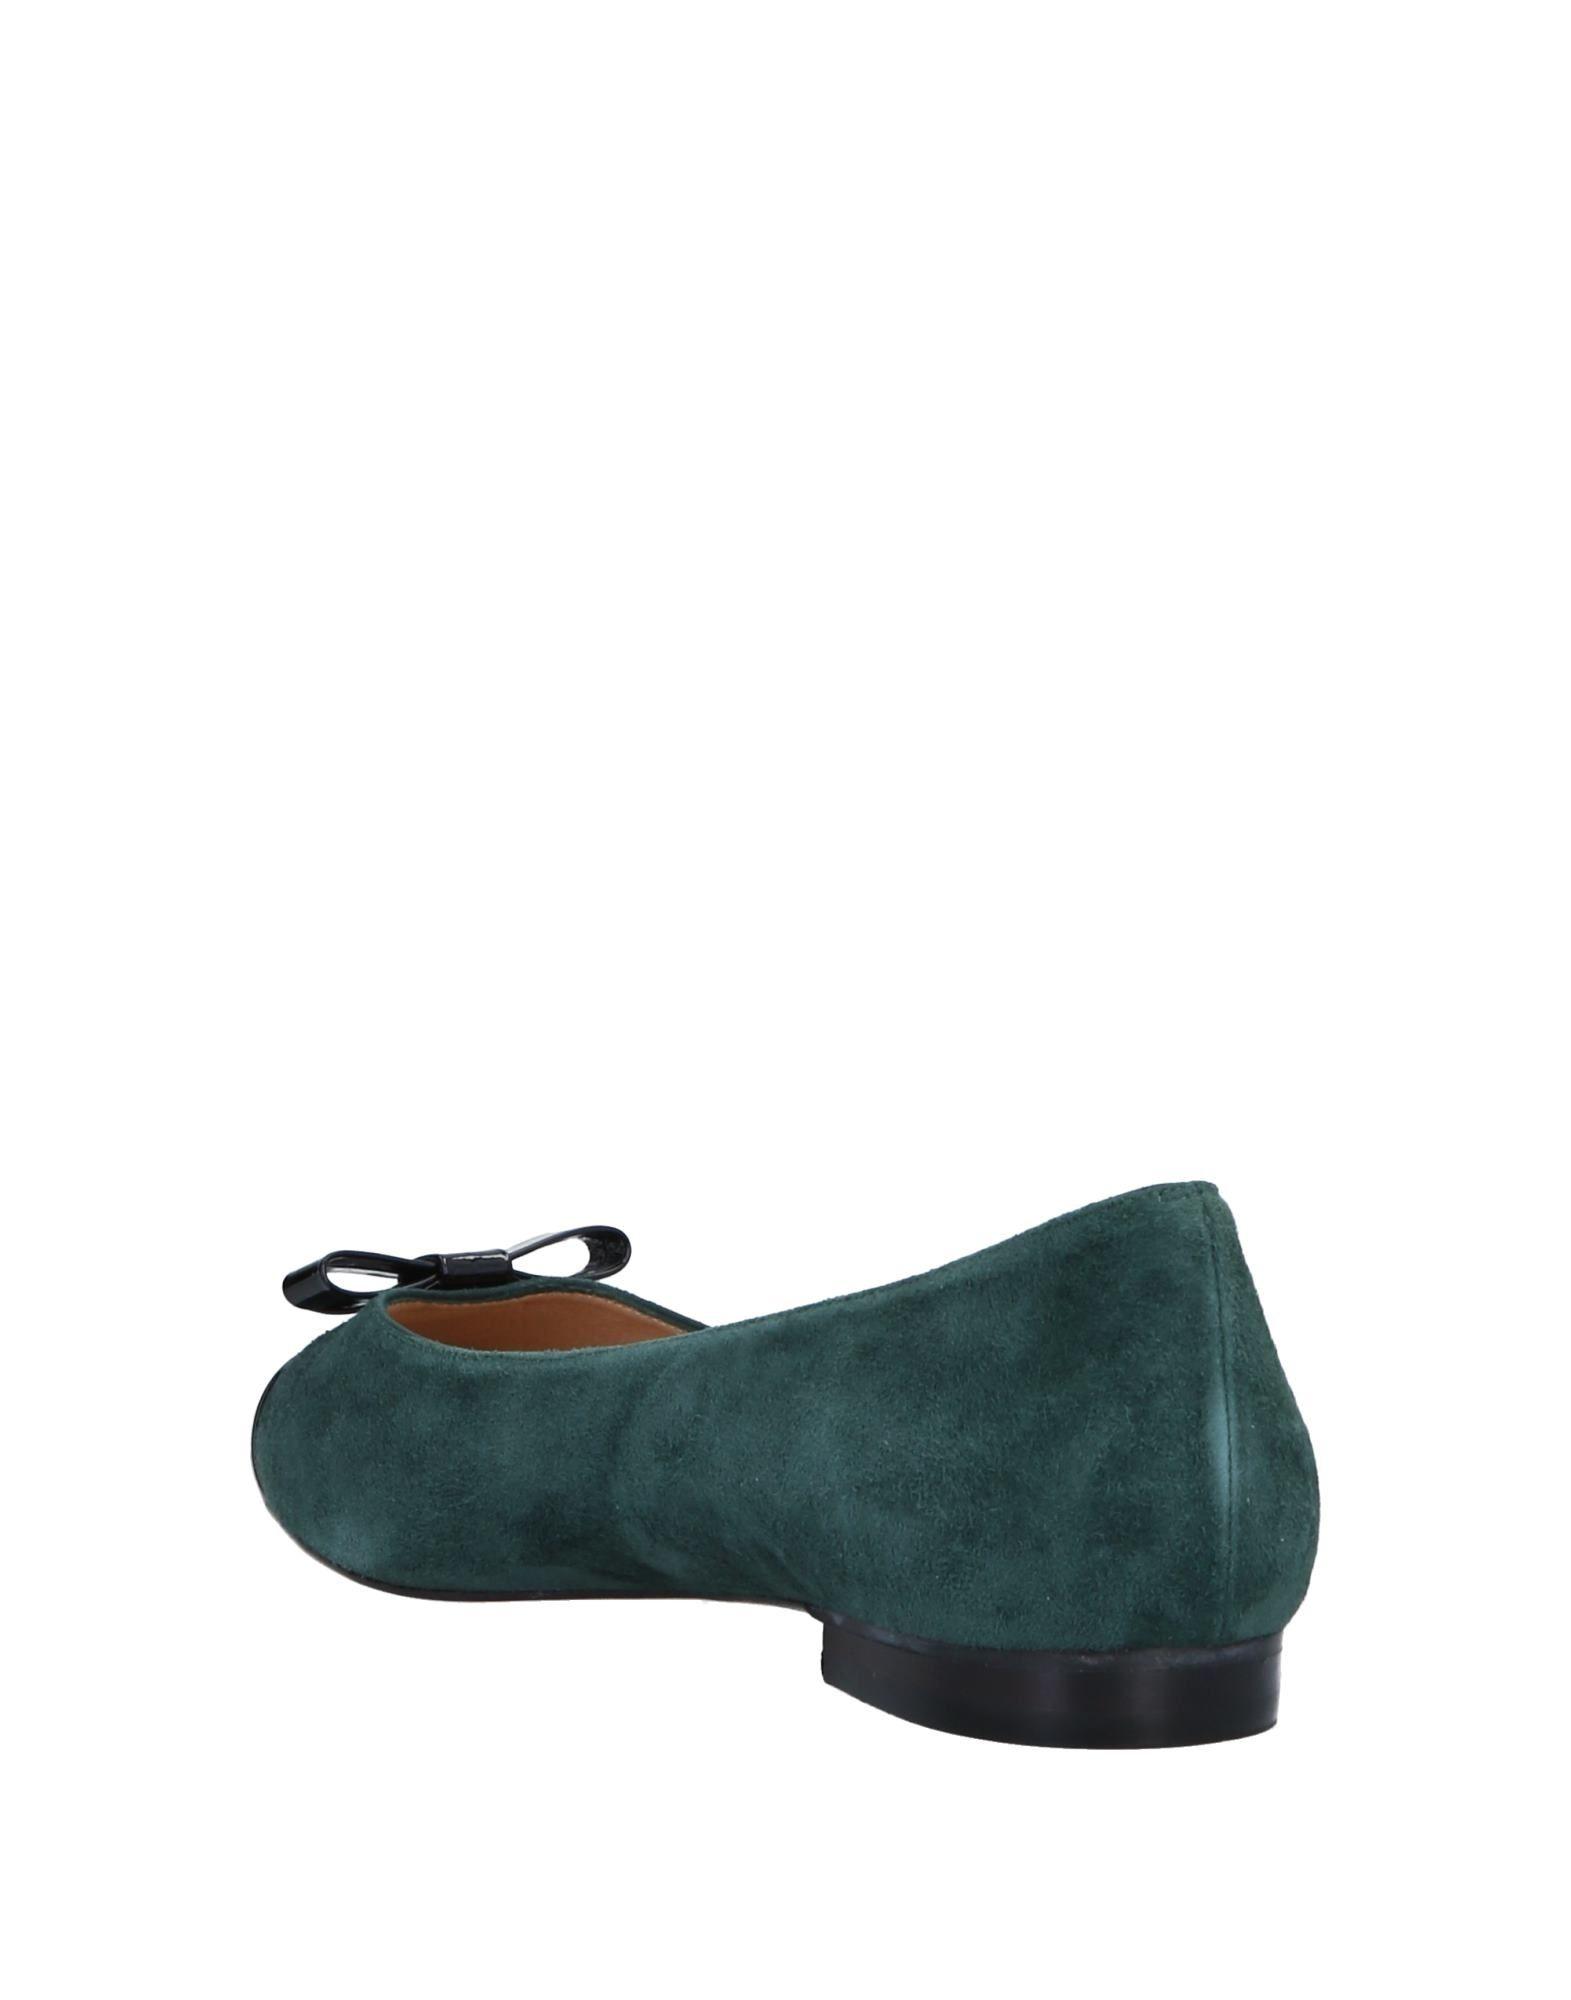 Hannibal Laguna Ballerinas Damen  11542904MS Gute Gute Gute Qualität beliebte Schuhe 7a0538